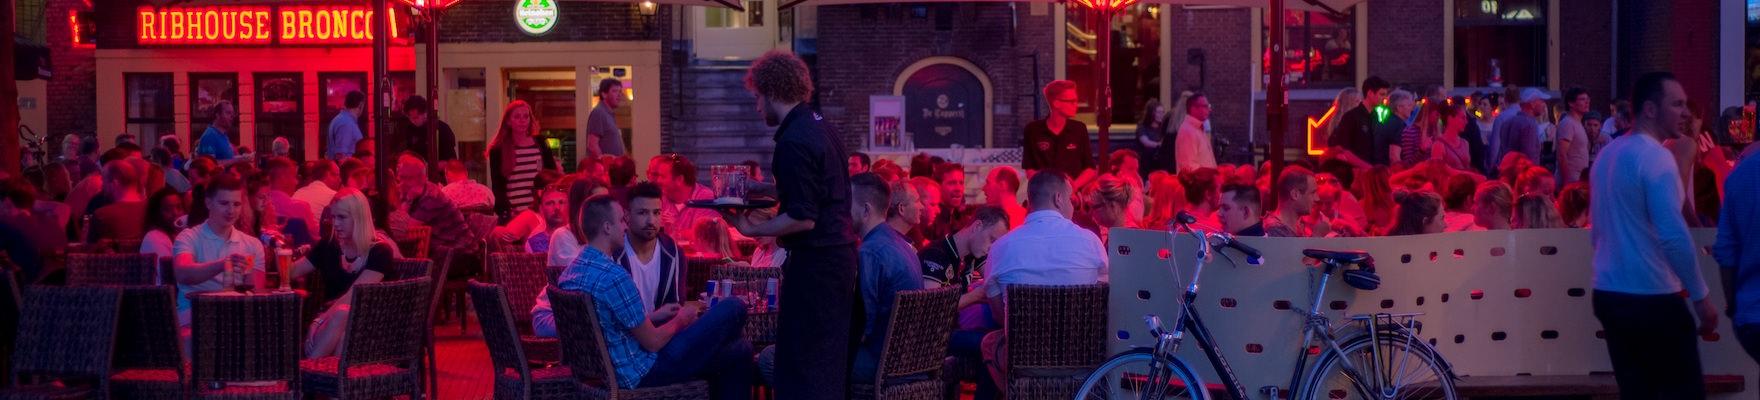 Groningen - Grote Markt - draußen sitzen